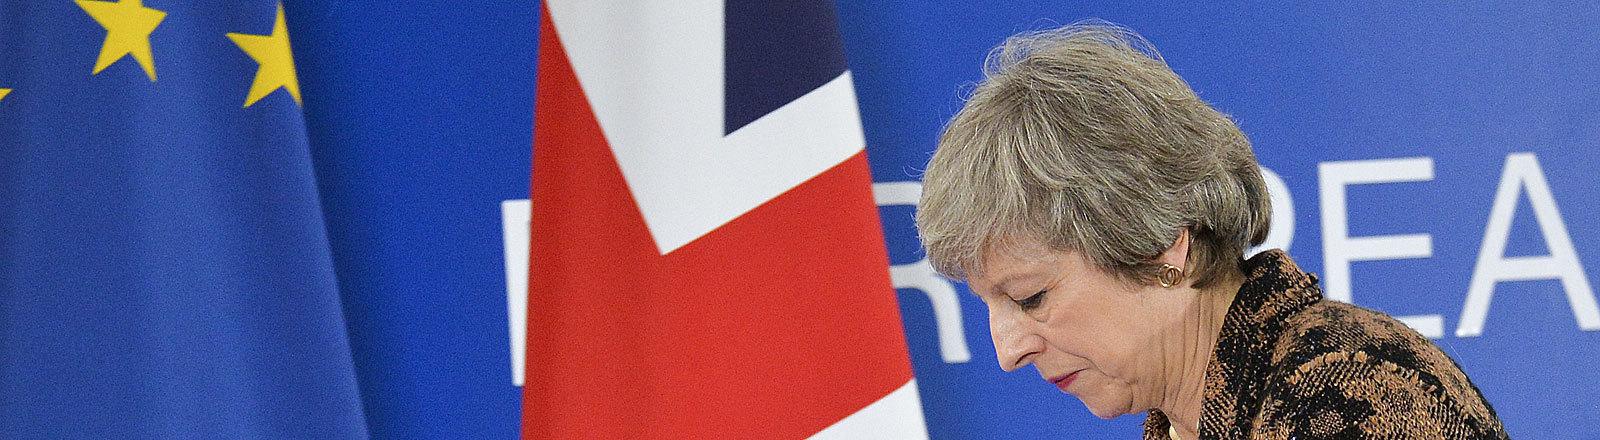 Theresa May blickt deprimiert und läuft an der britischen und europäischen Flagge vorbei